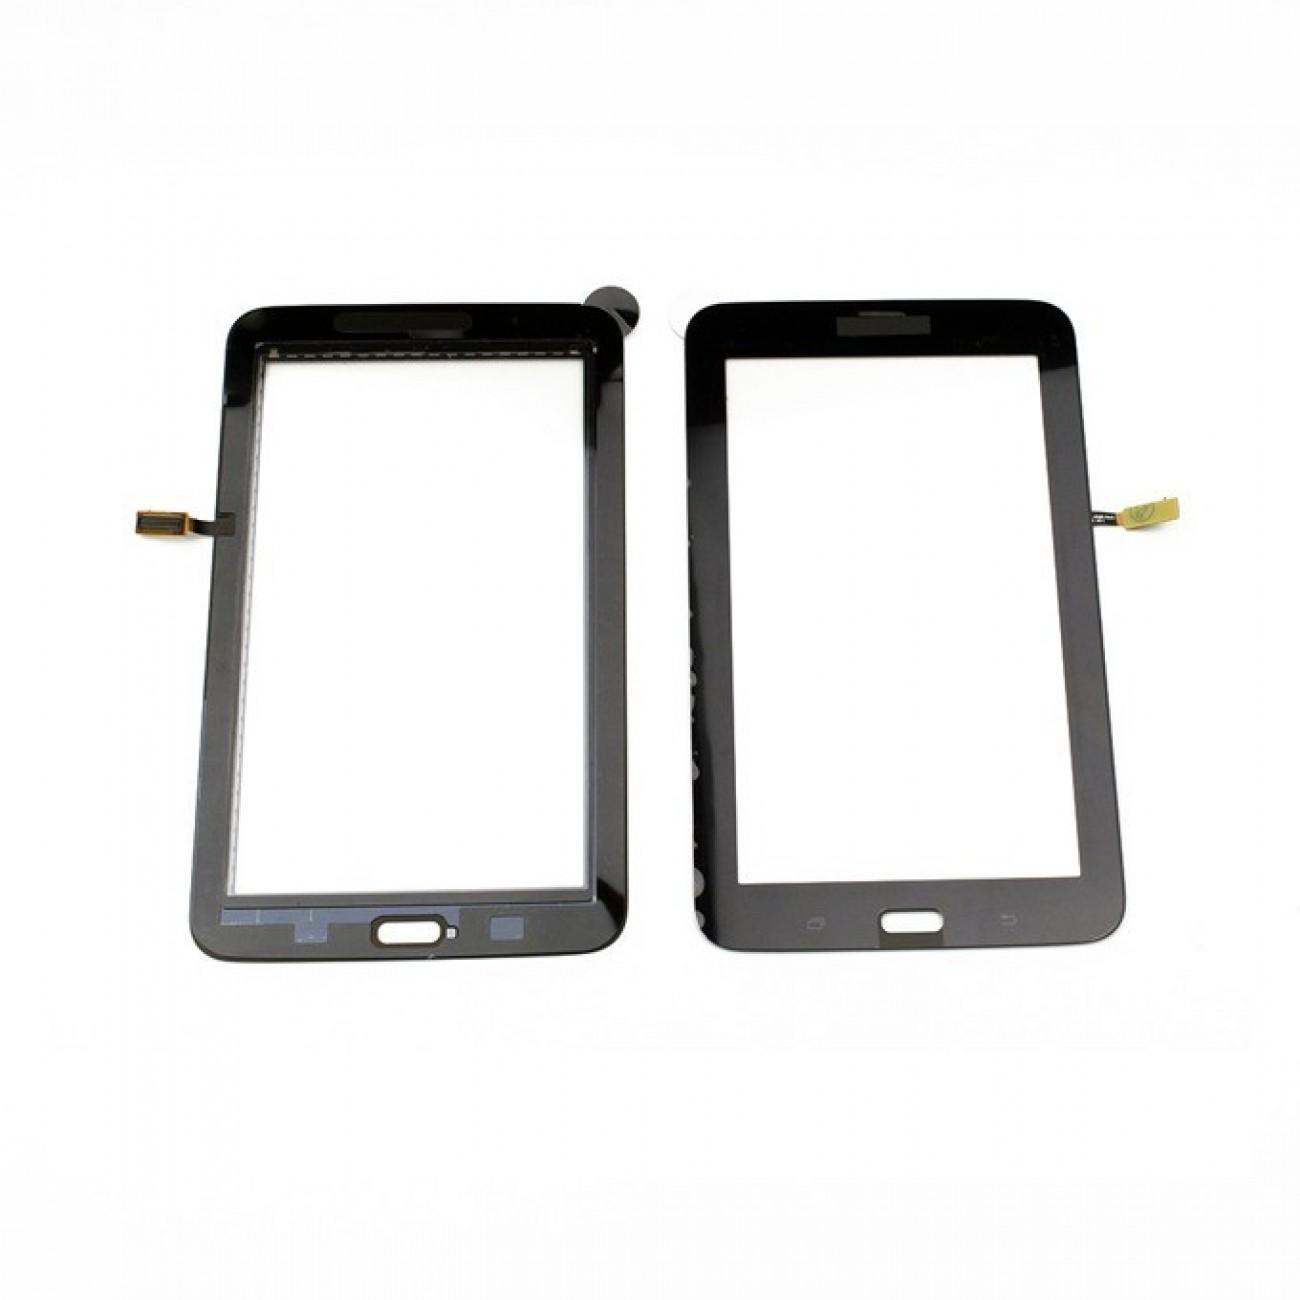 Тъч модул за Samsung Galaxy Tab T113, touch, черен в Резервни части -  | Alleop